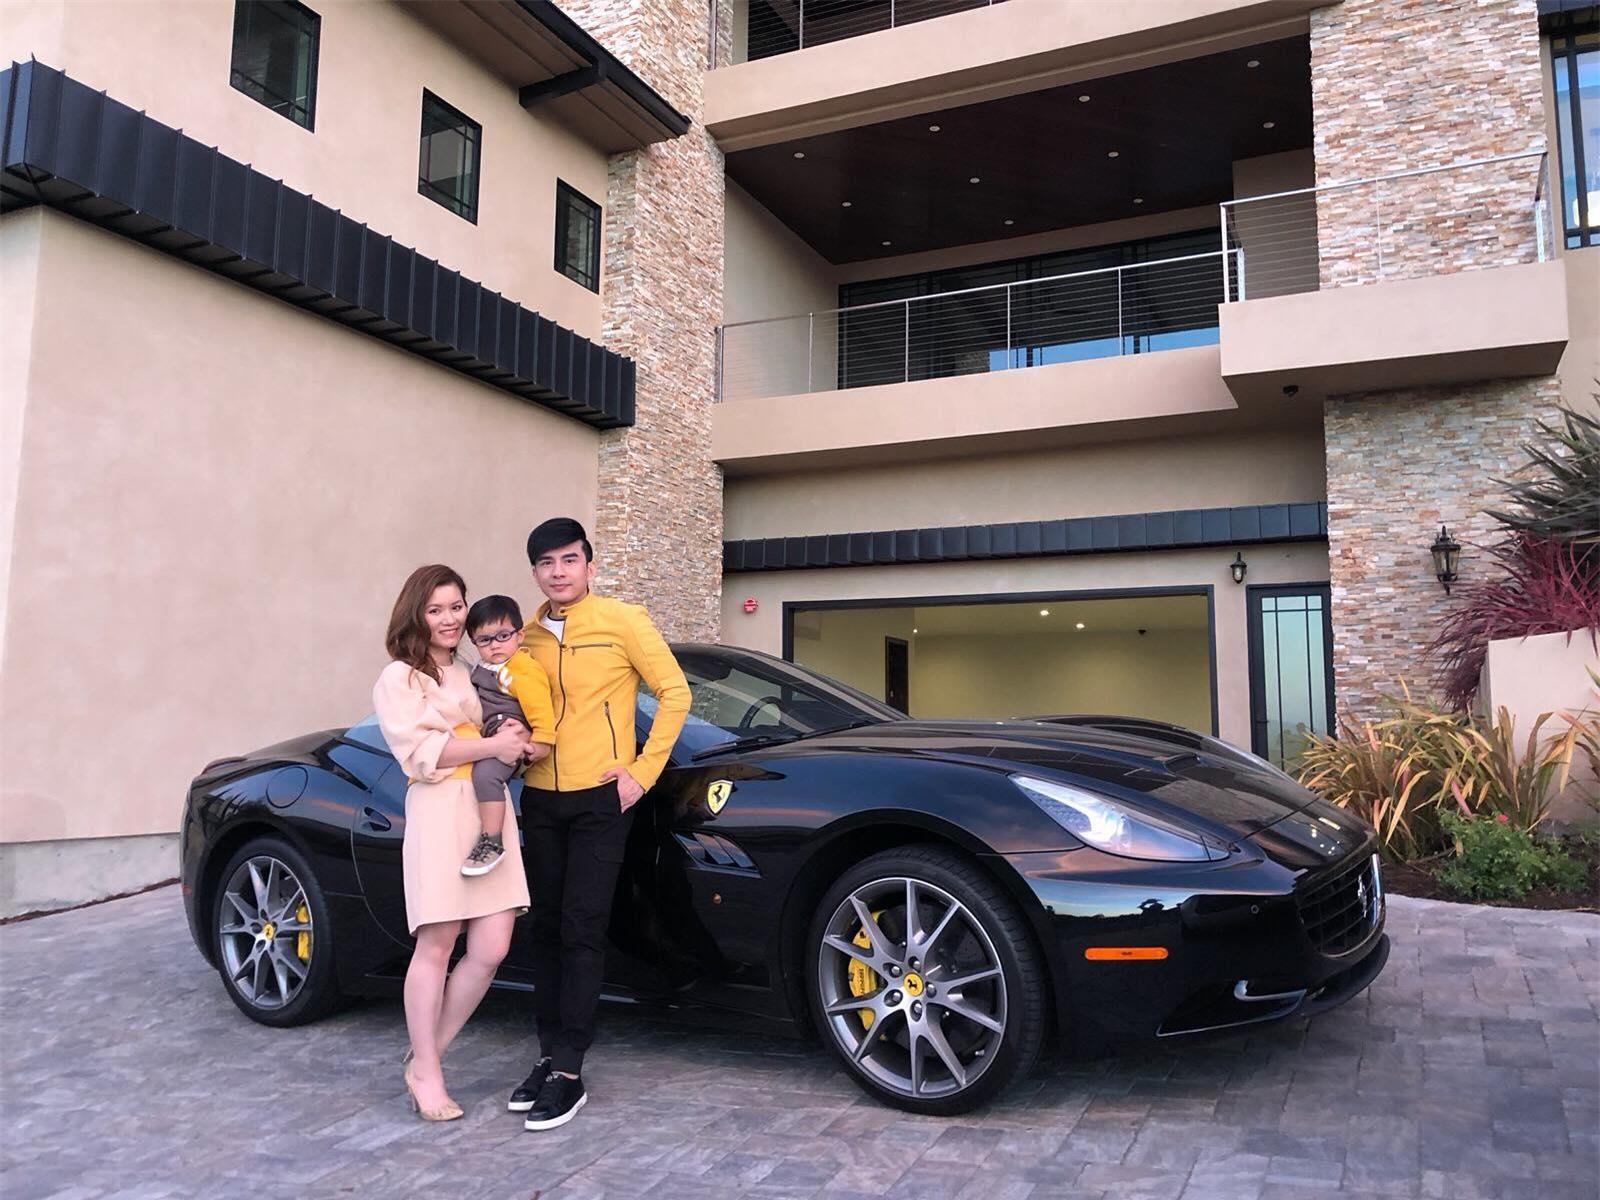 Bộ sưu tập siêu xe, xe siêu sang triệu USD của vợ chồng Thủy Tiên - Đan Trường thuở còn mặn nồng - Ảnh 3.